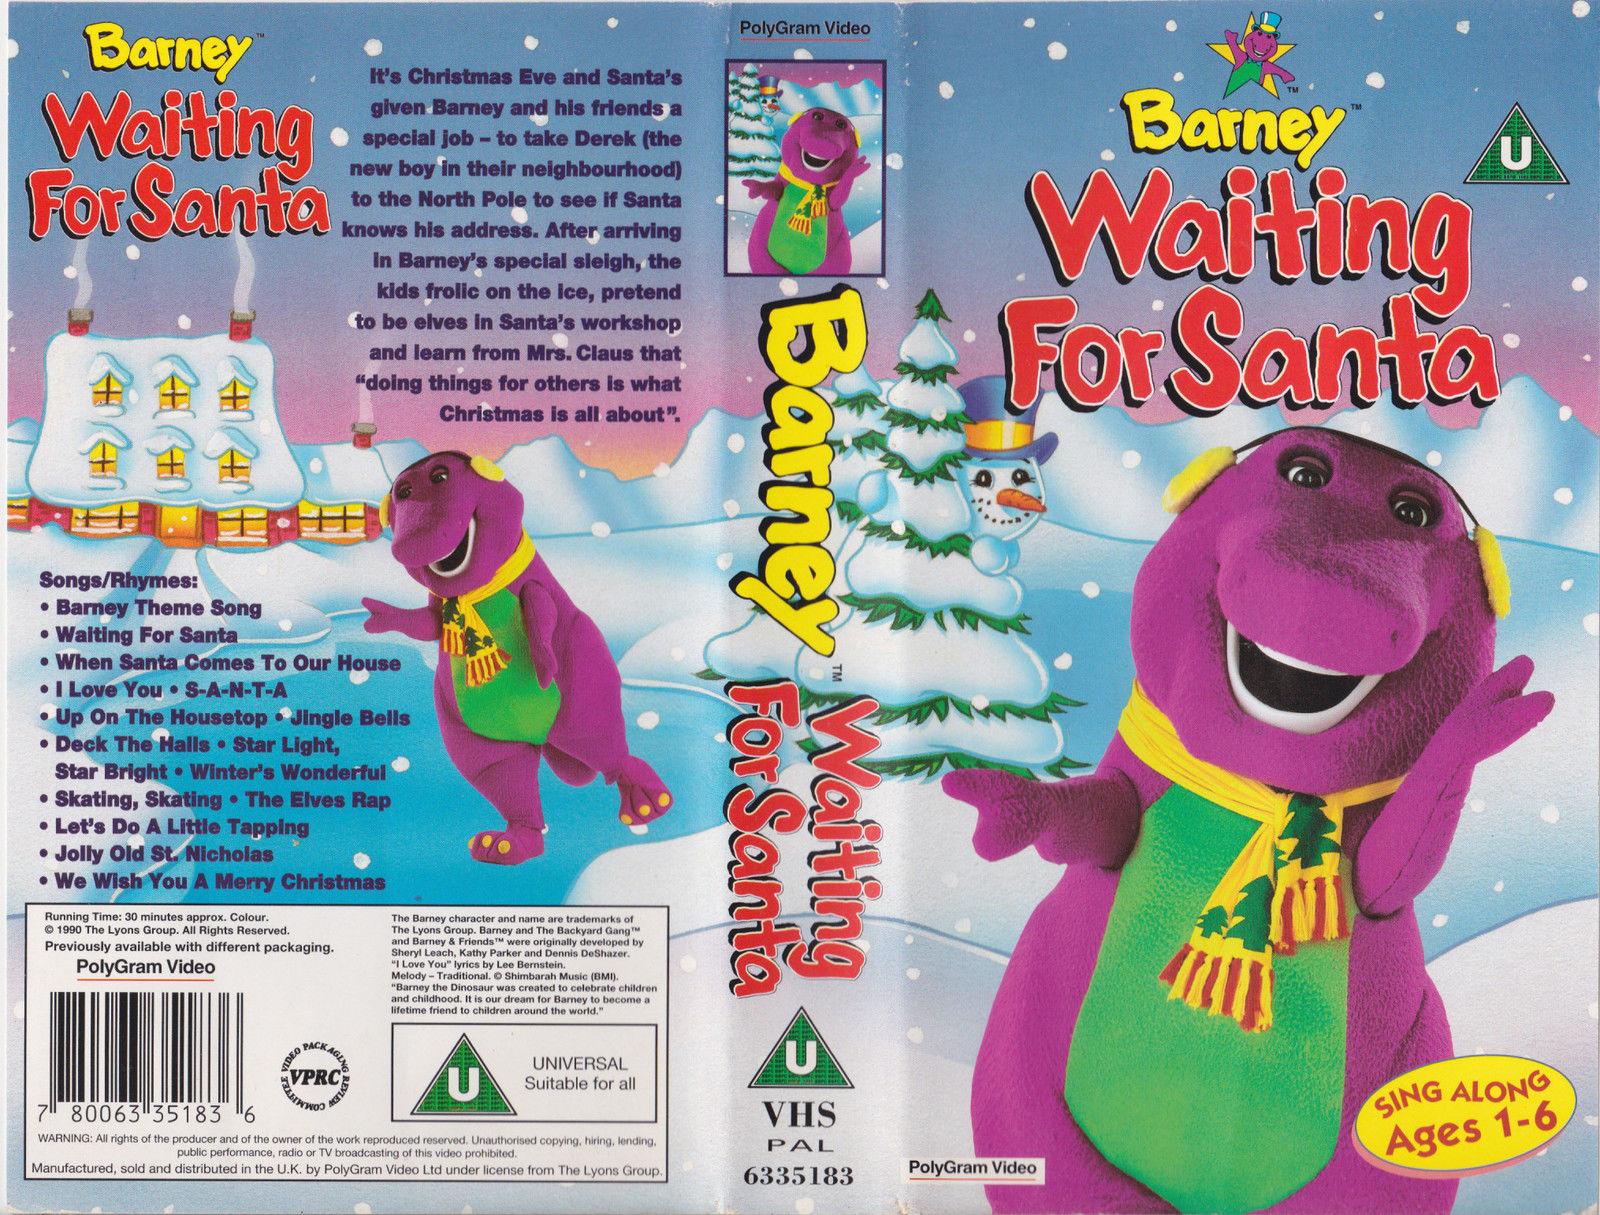 Santas Workshop  Disney Wiki  FANDOM powered by Wikia